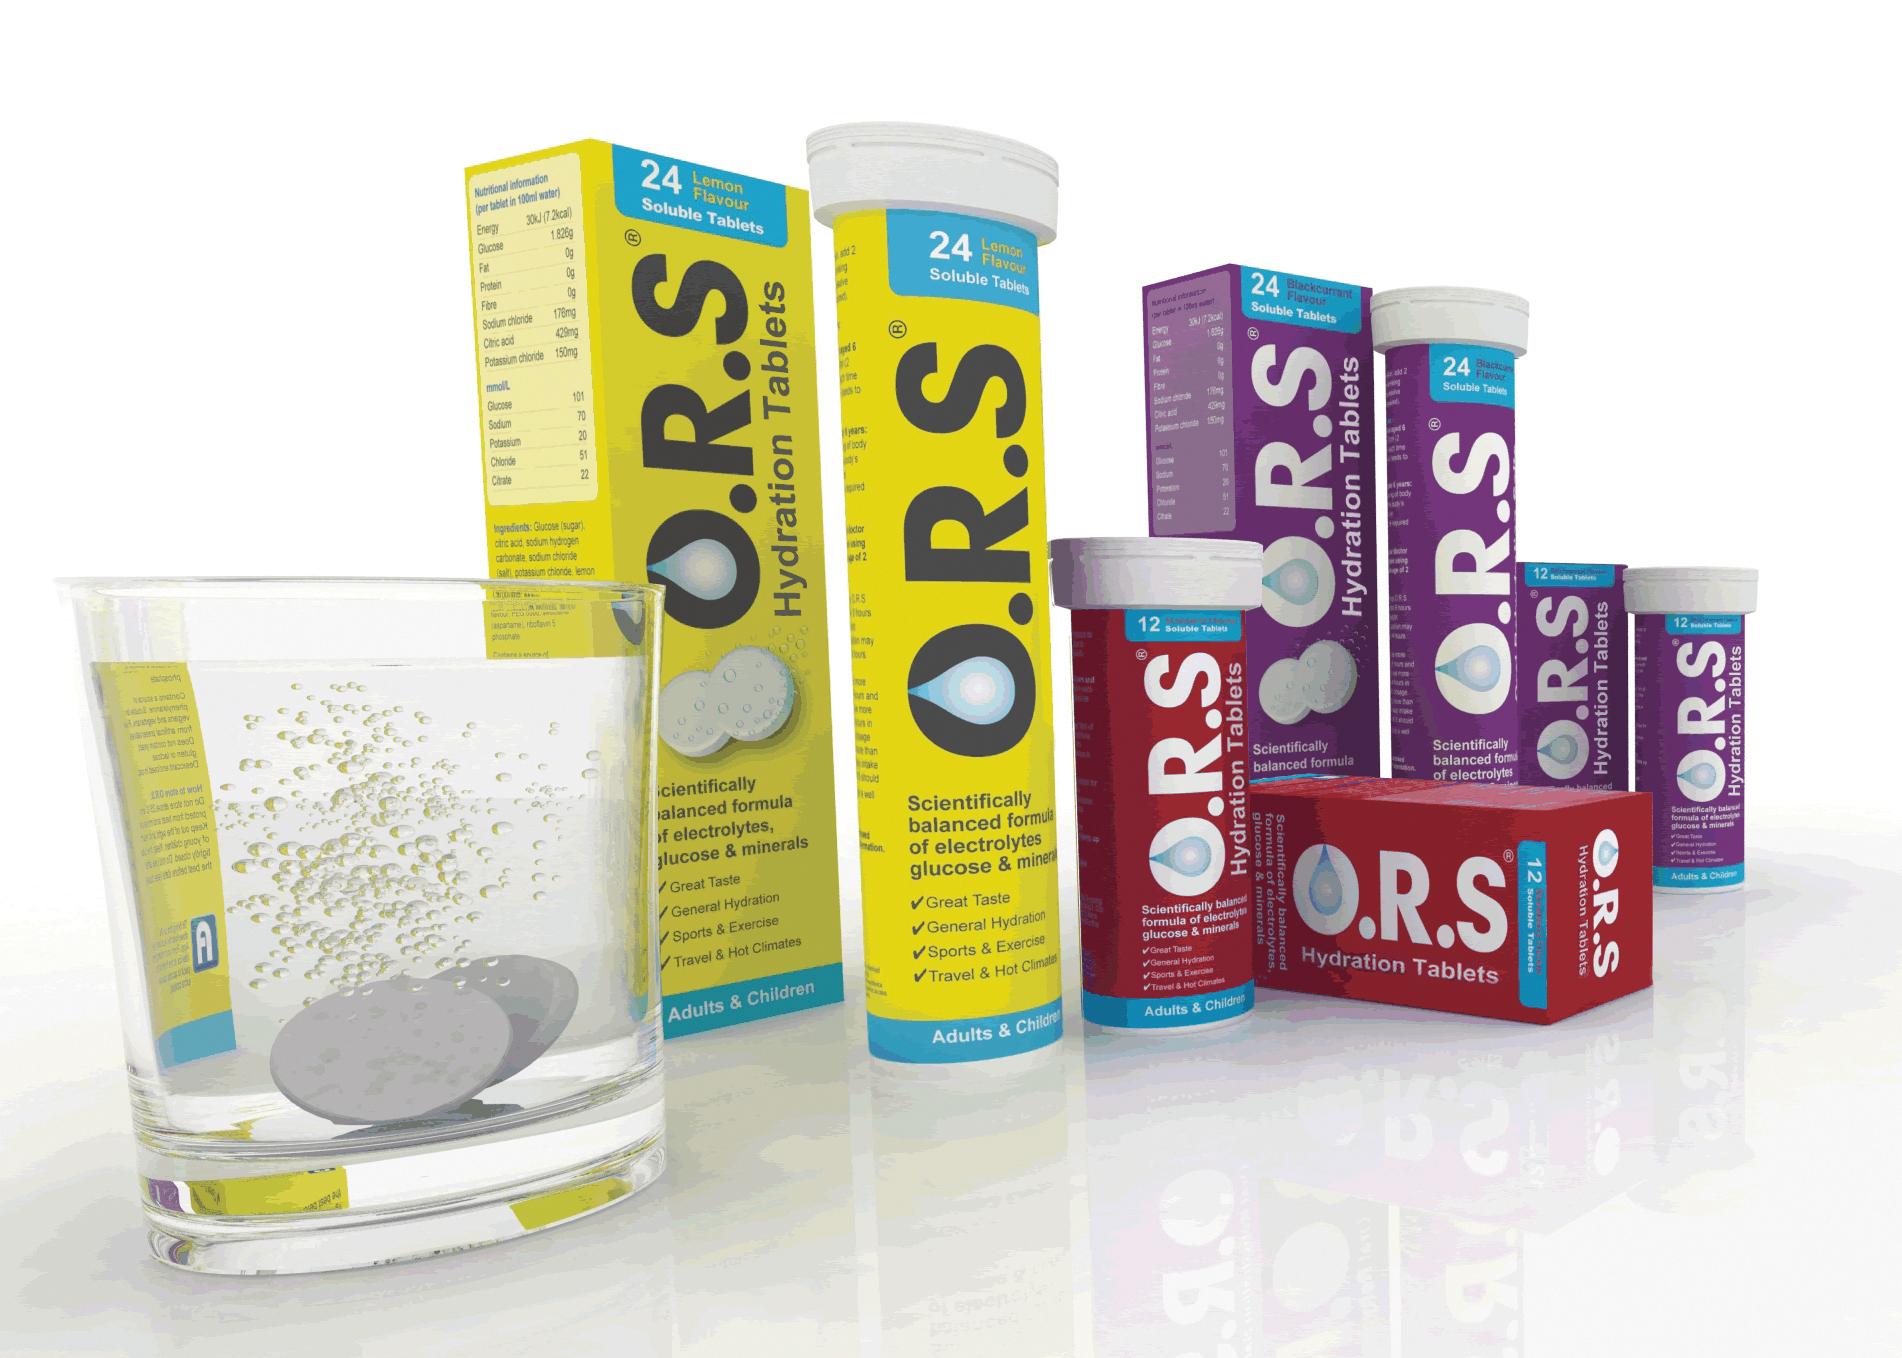 O R S لمعالجة الجفاف